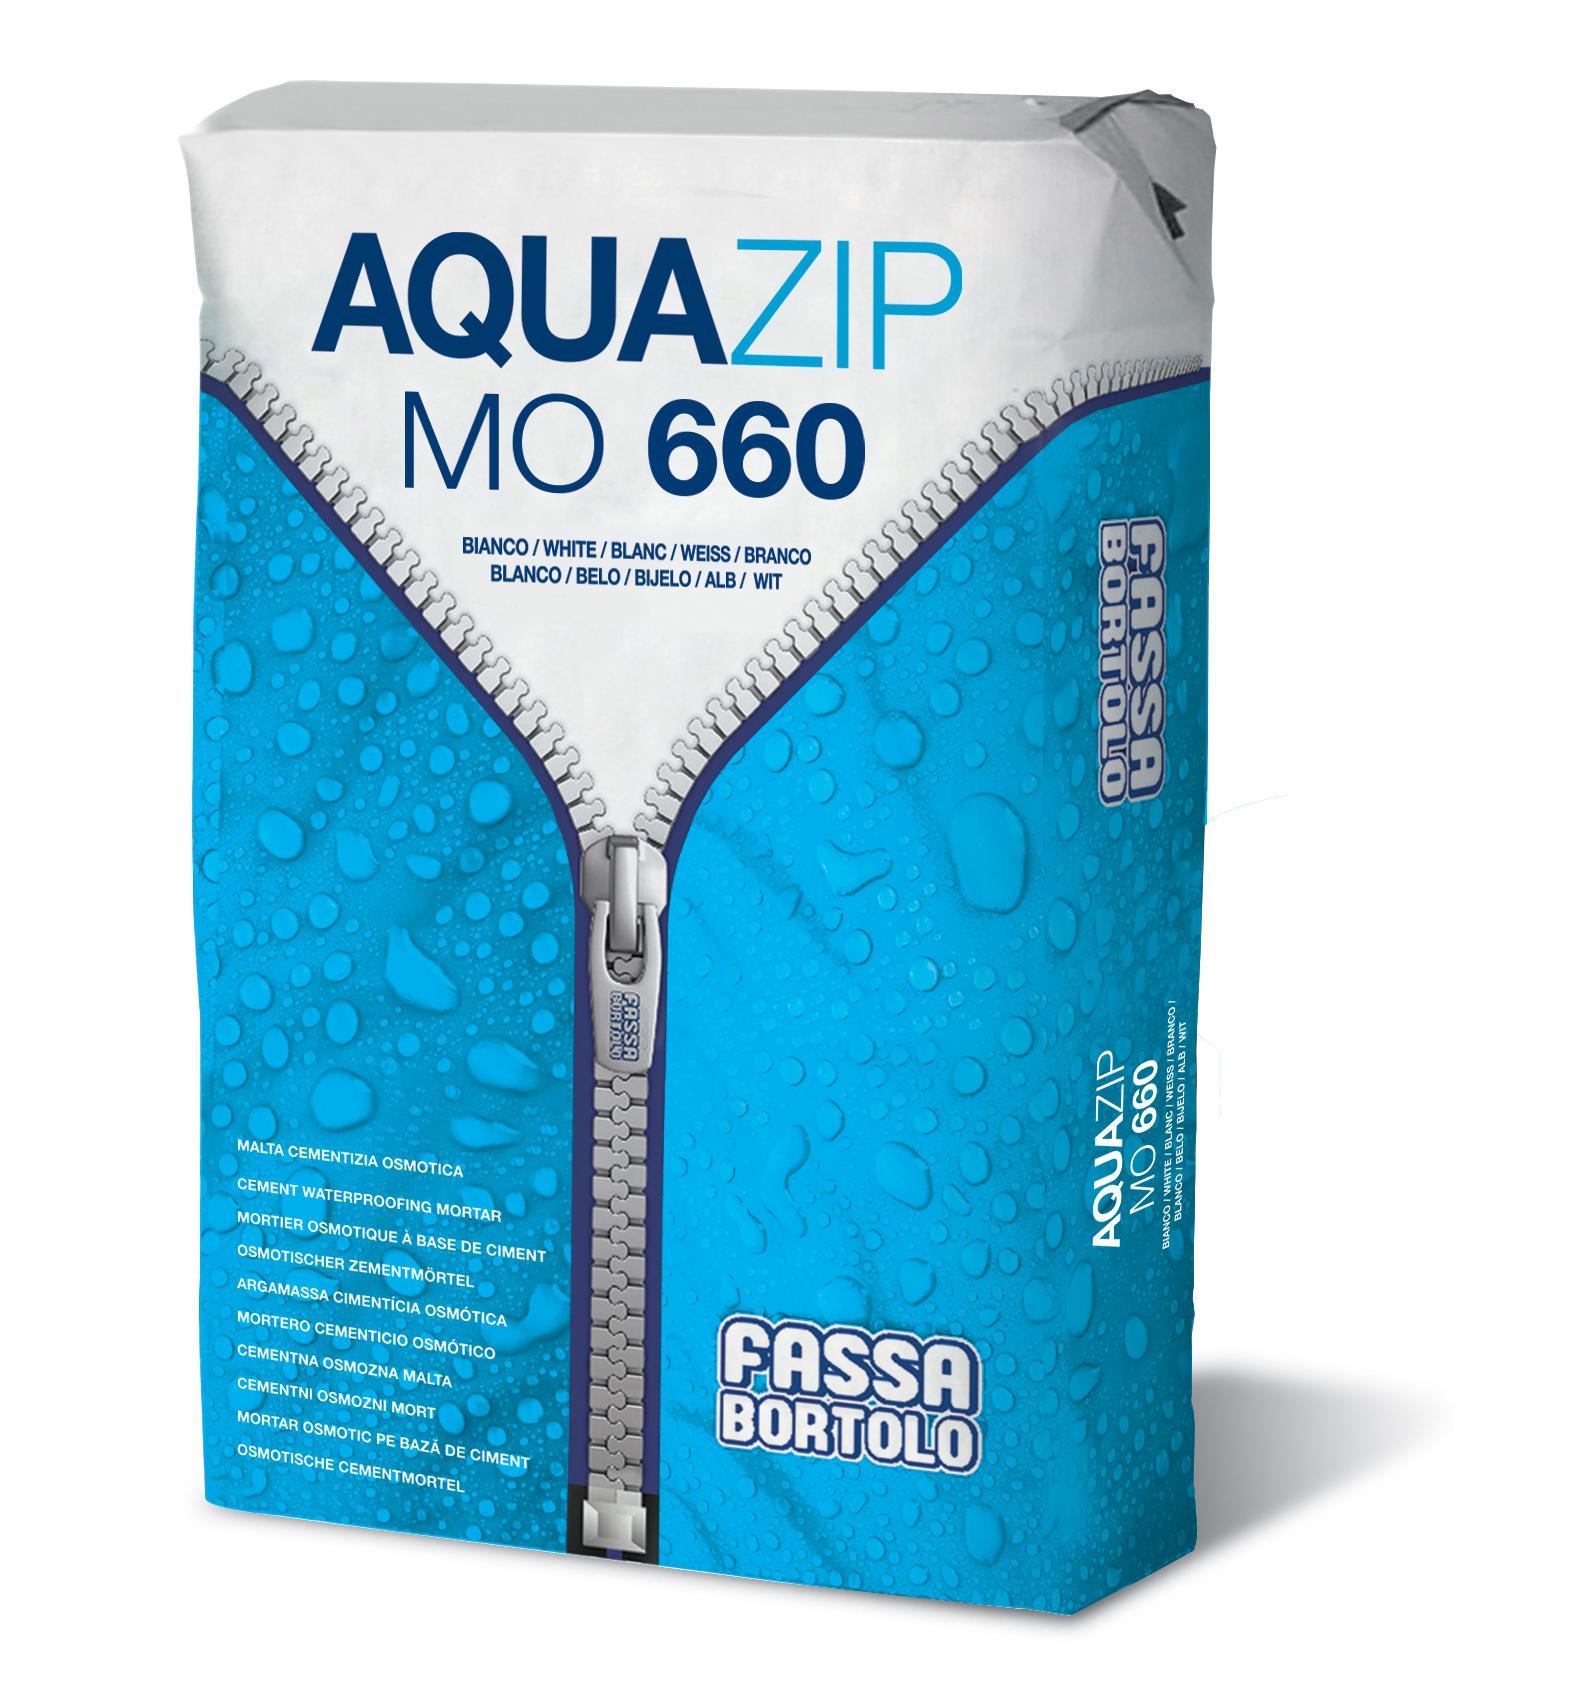 AQUAZIP MO 660: Argamassa cimentícia monocomponente osmótica para a impermeabilização de estruturas em alvenaria e betão